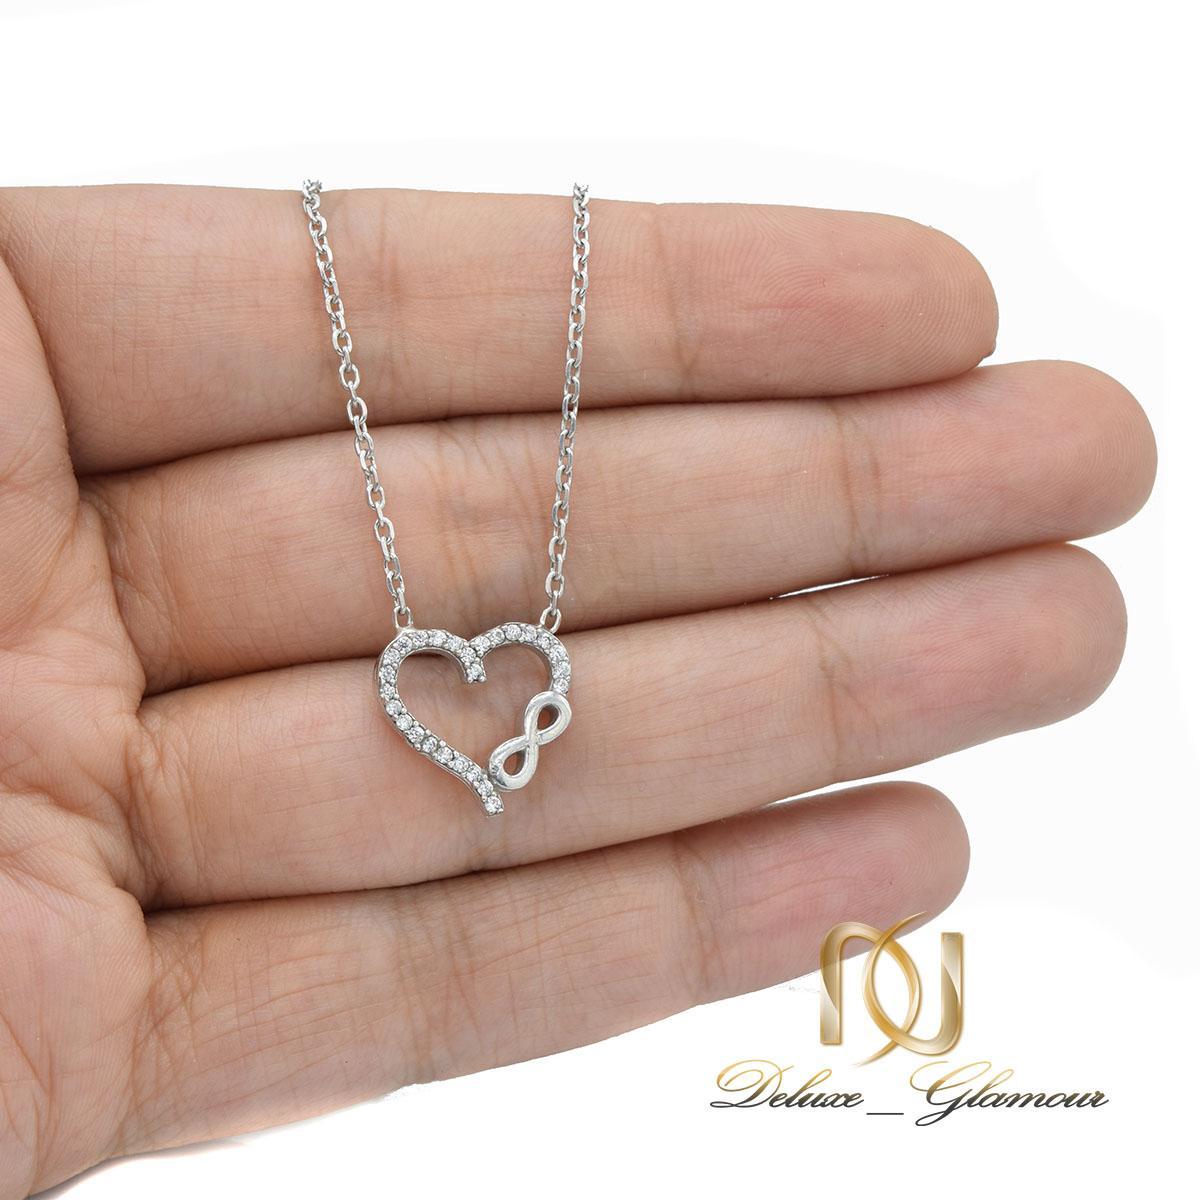 گردنبند دخترانه نقره طرح بی نهایت و قلب nw-n530 از نمای روی دست